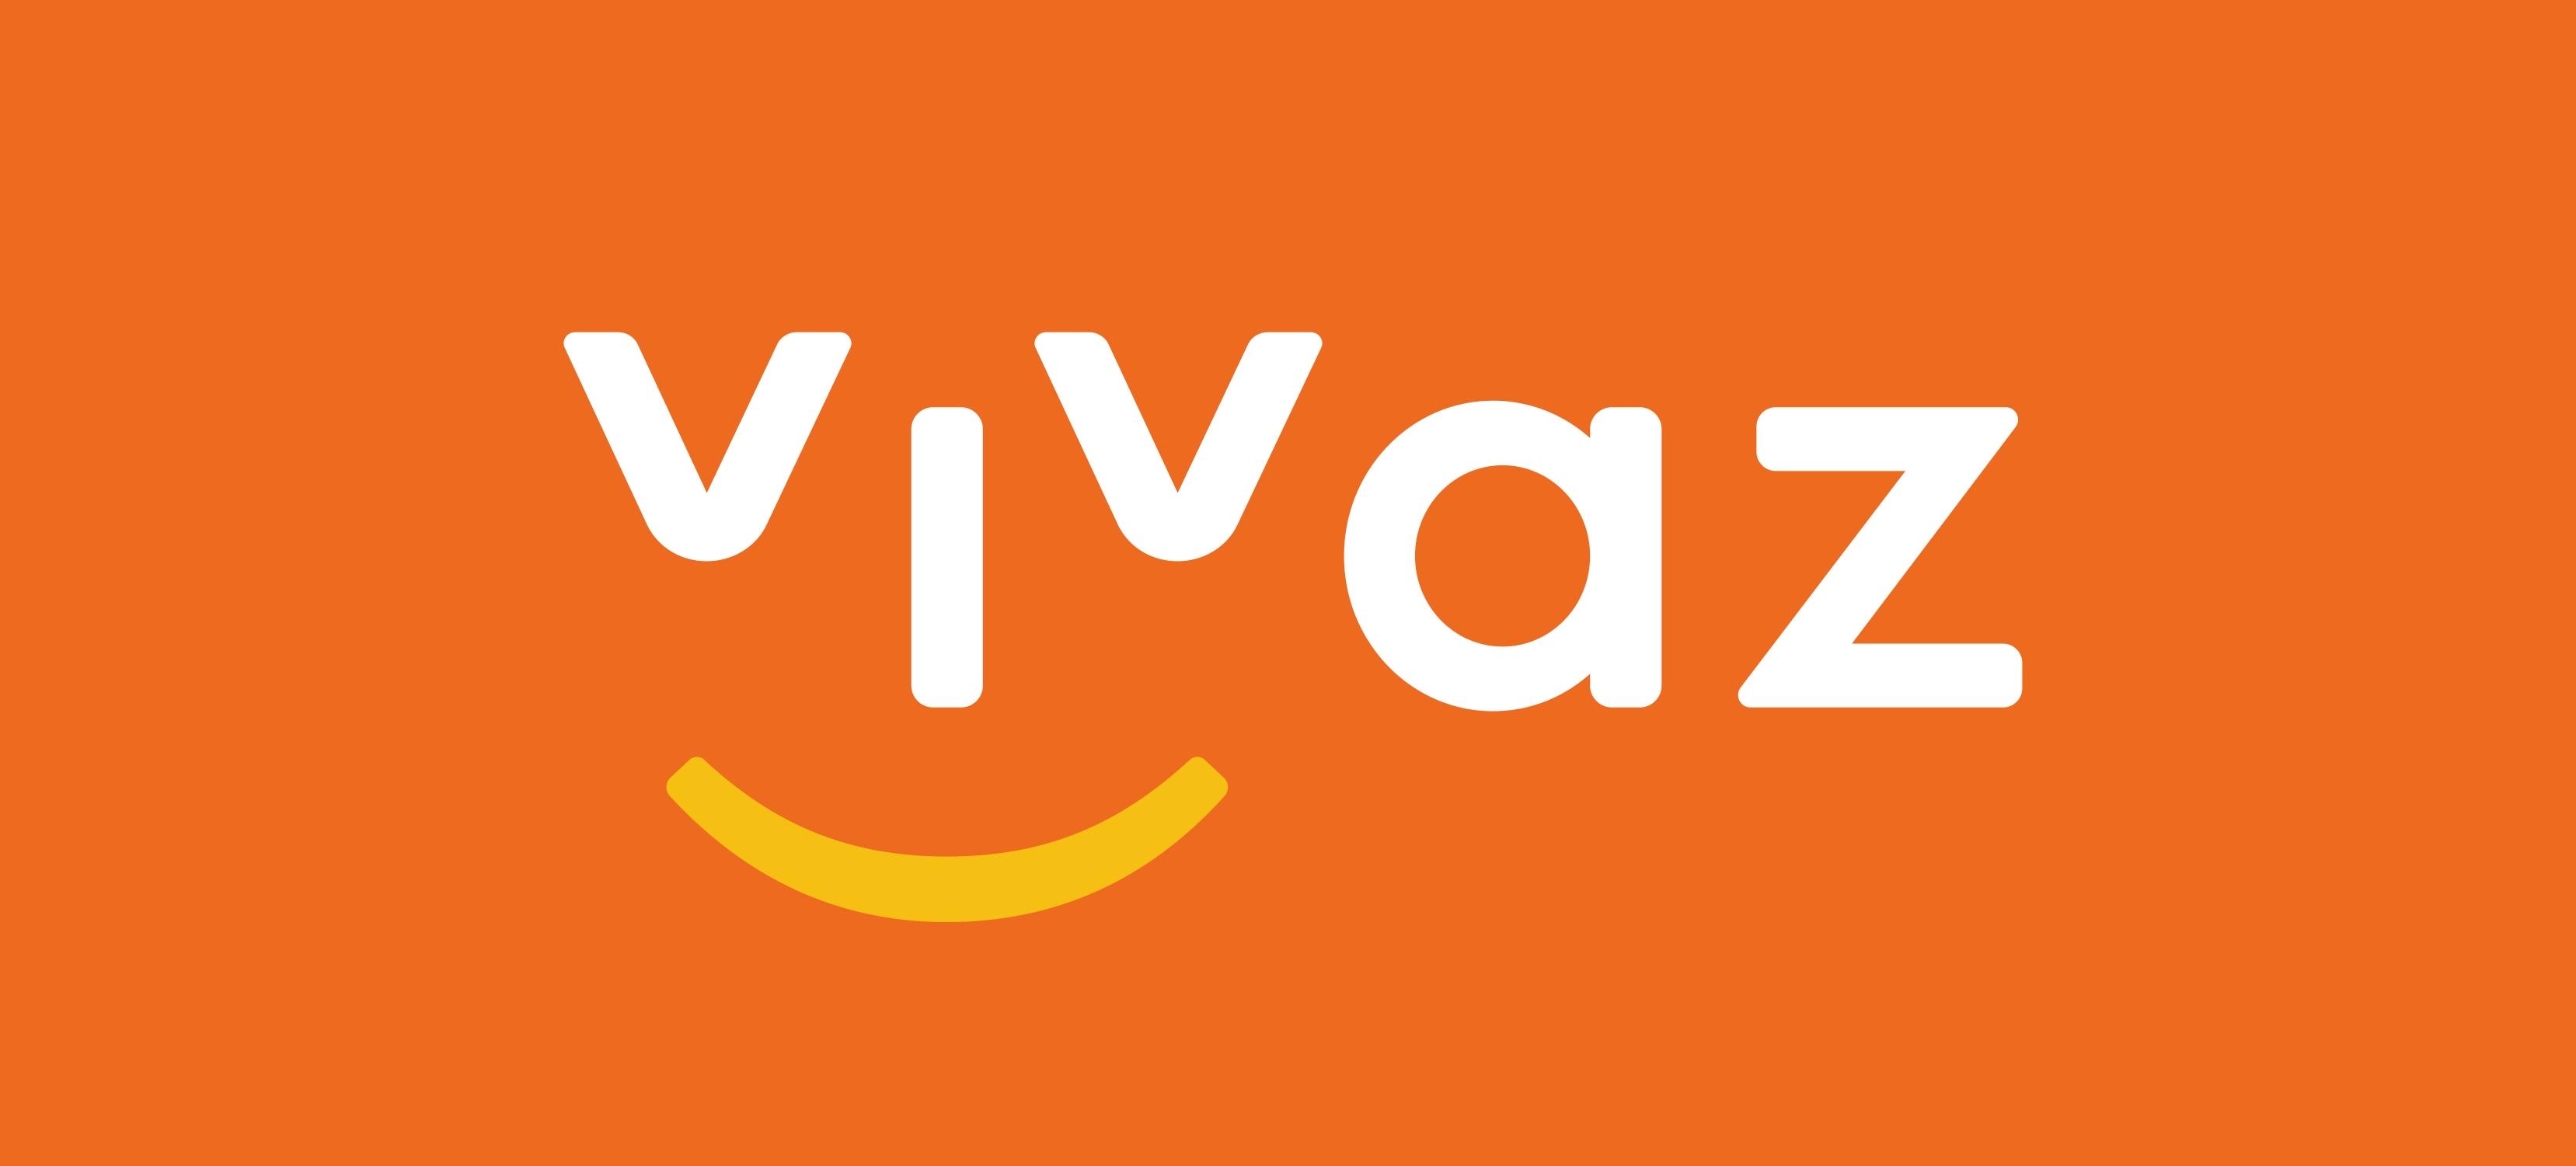 logotipo vivaz mandarina alta resolucion - Compañías